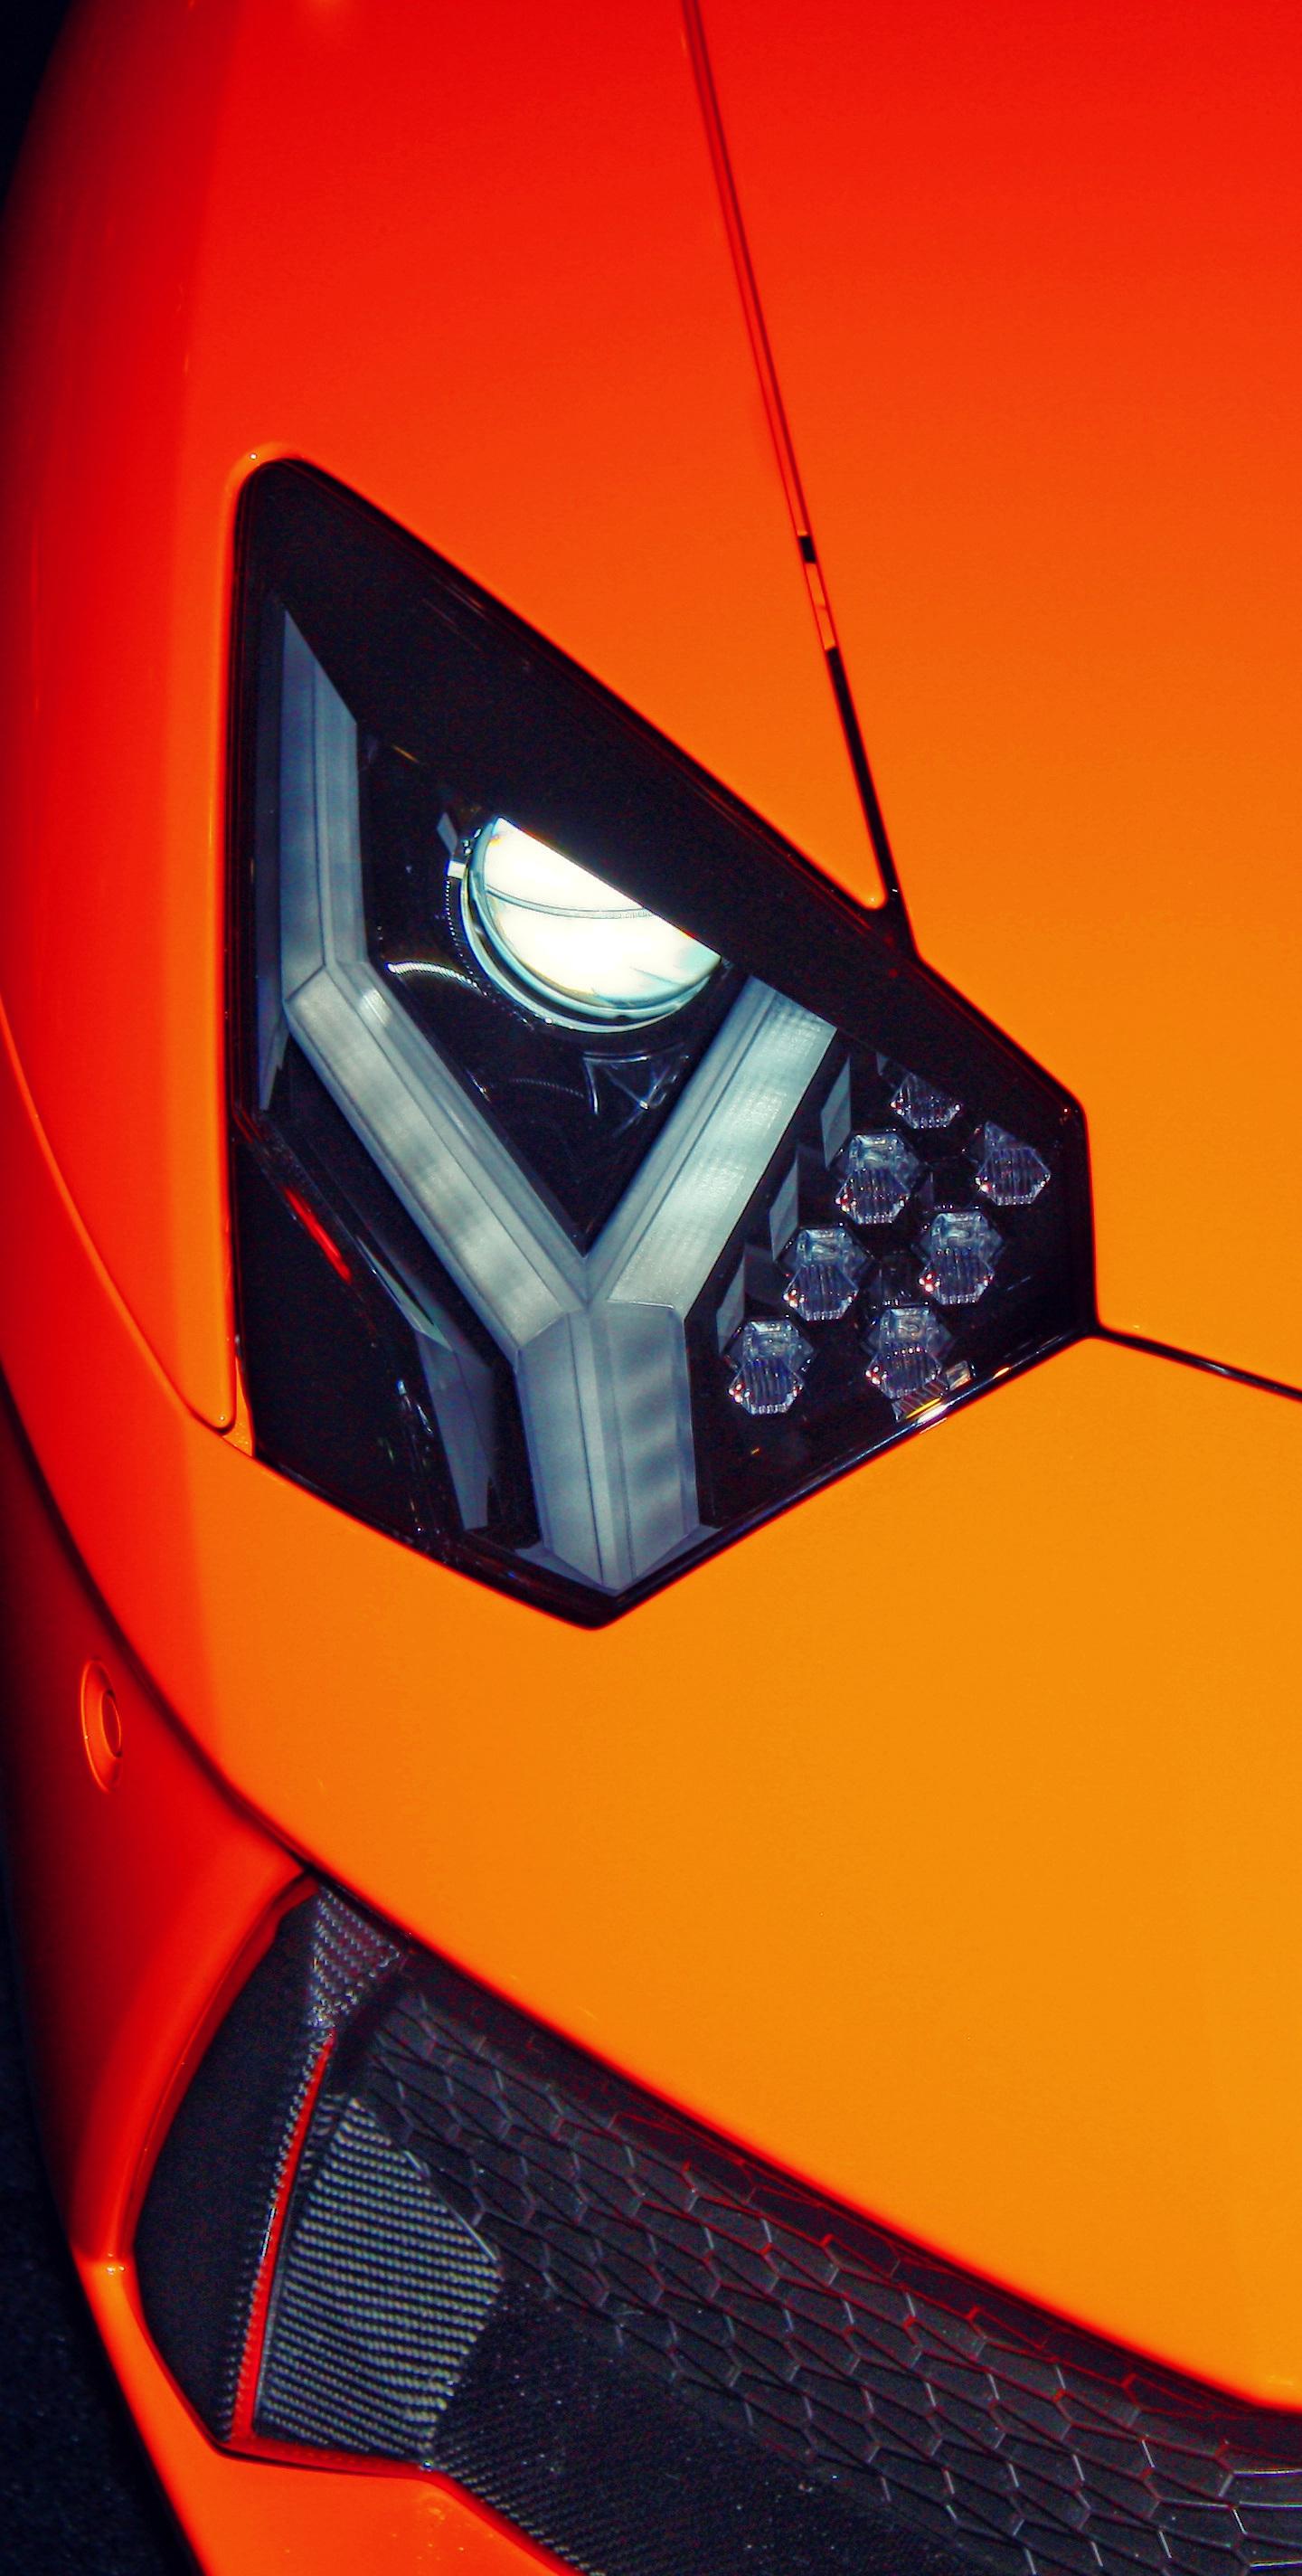 Exotic car, Lamborghini, headlight, 1440x2880 wallpaper